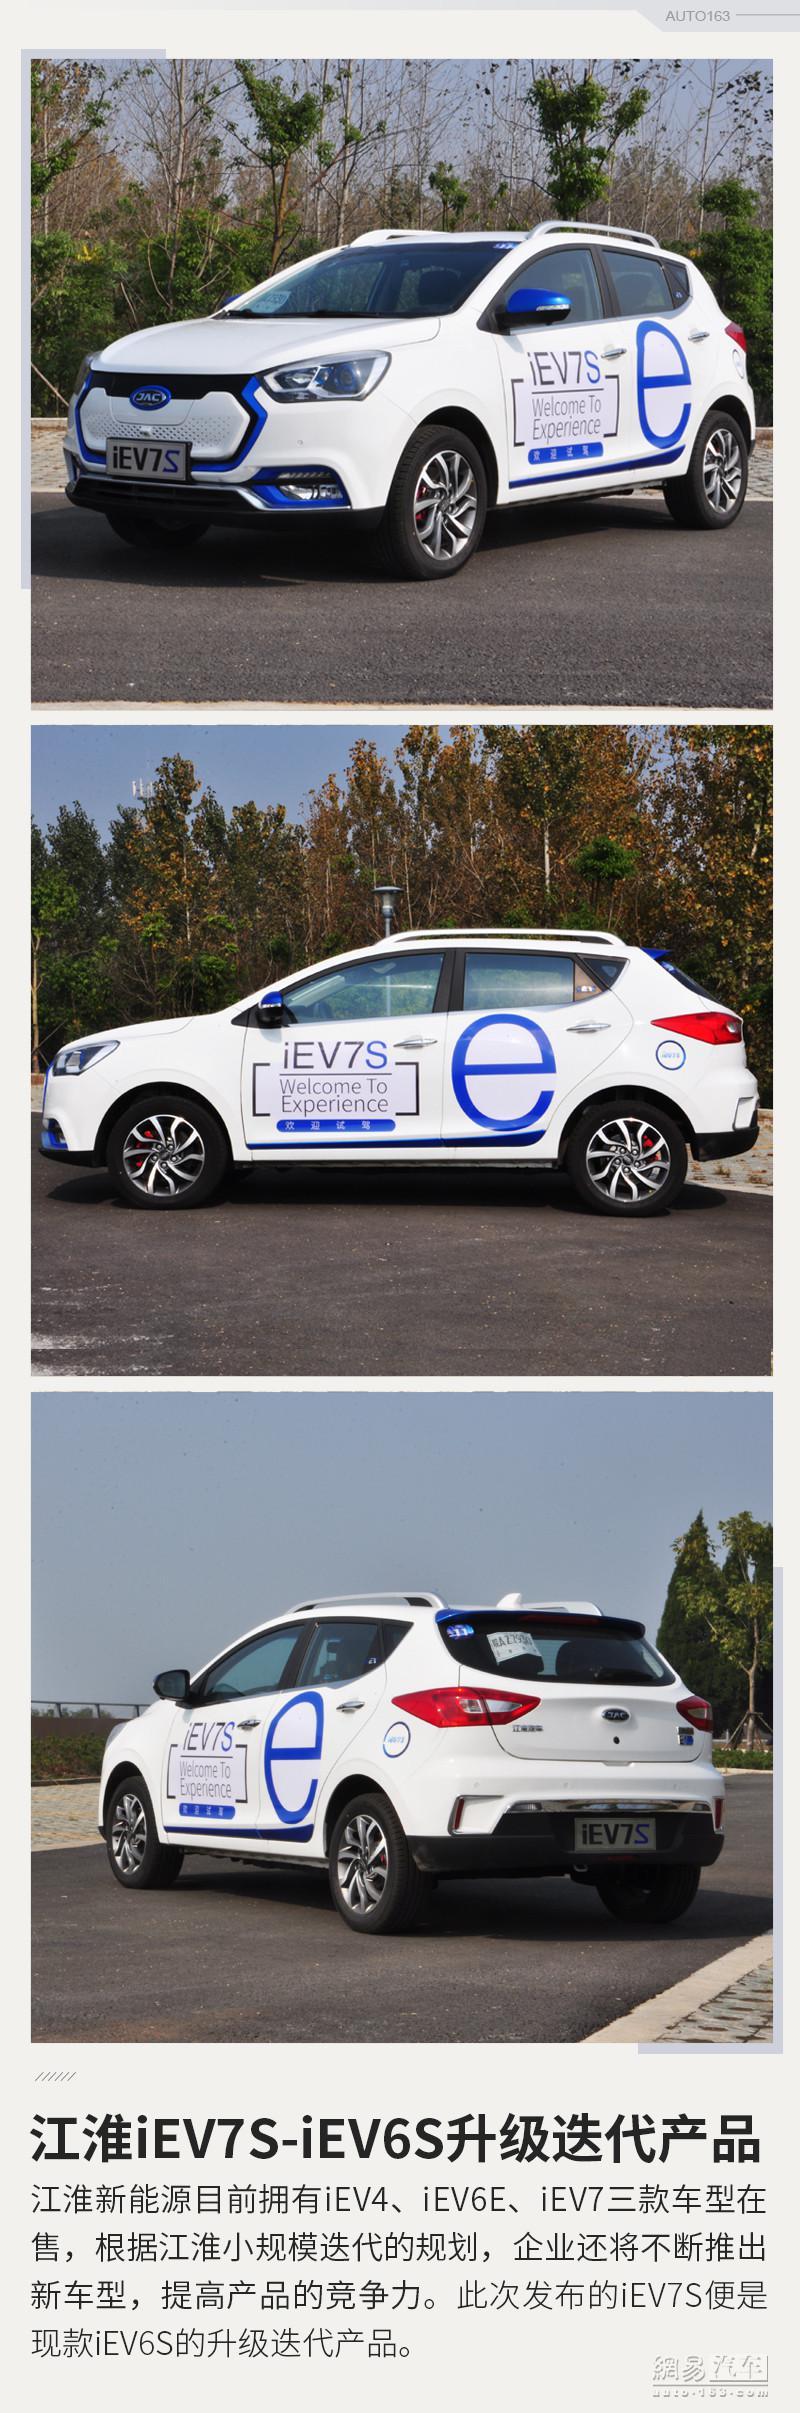 十年磨一剑??? 解读江淮iEV7S背后的纯电科技